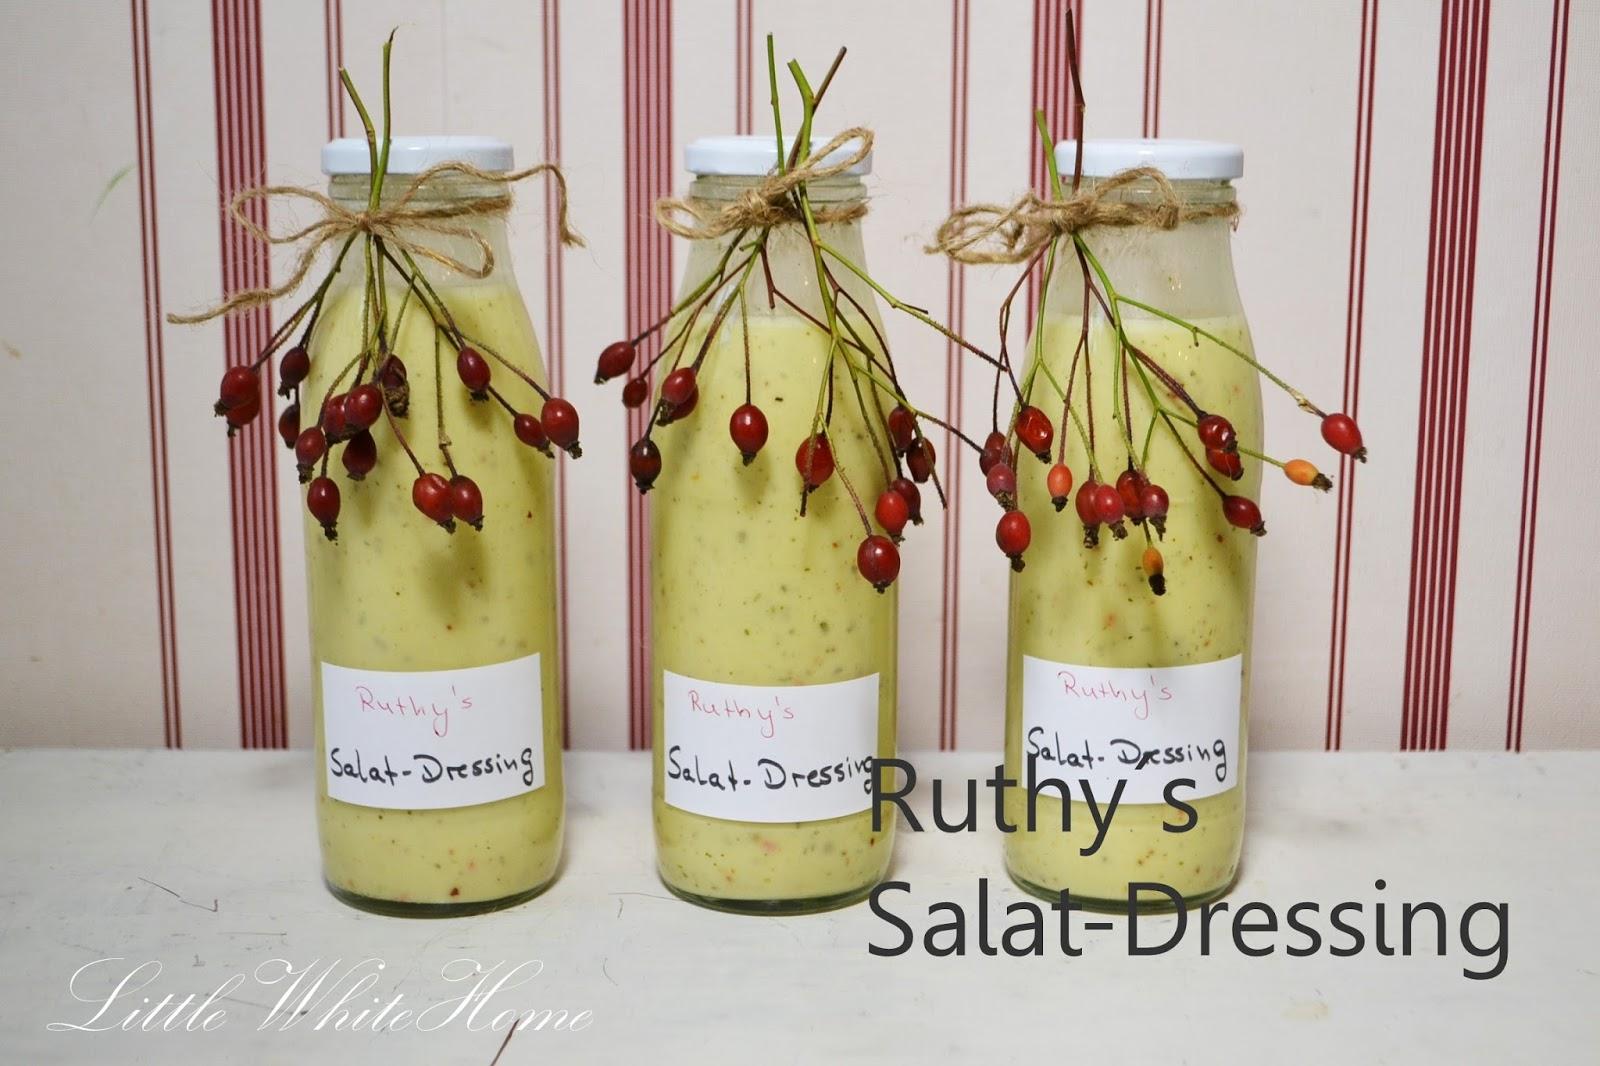 http://littlewhitehome.blogspot.de/2017/01/ruthys-salat-dressing.html